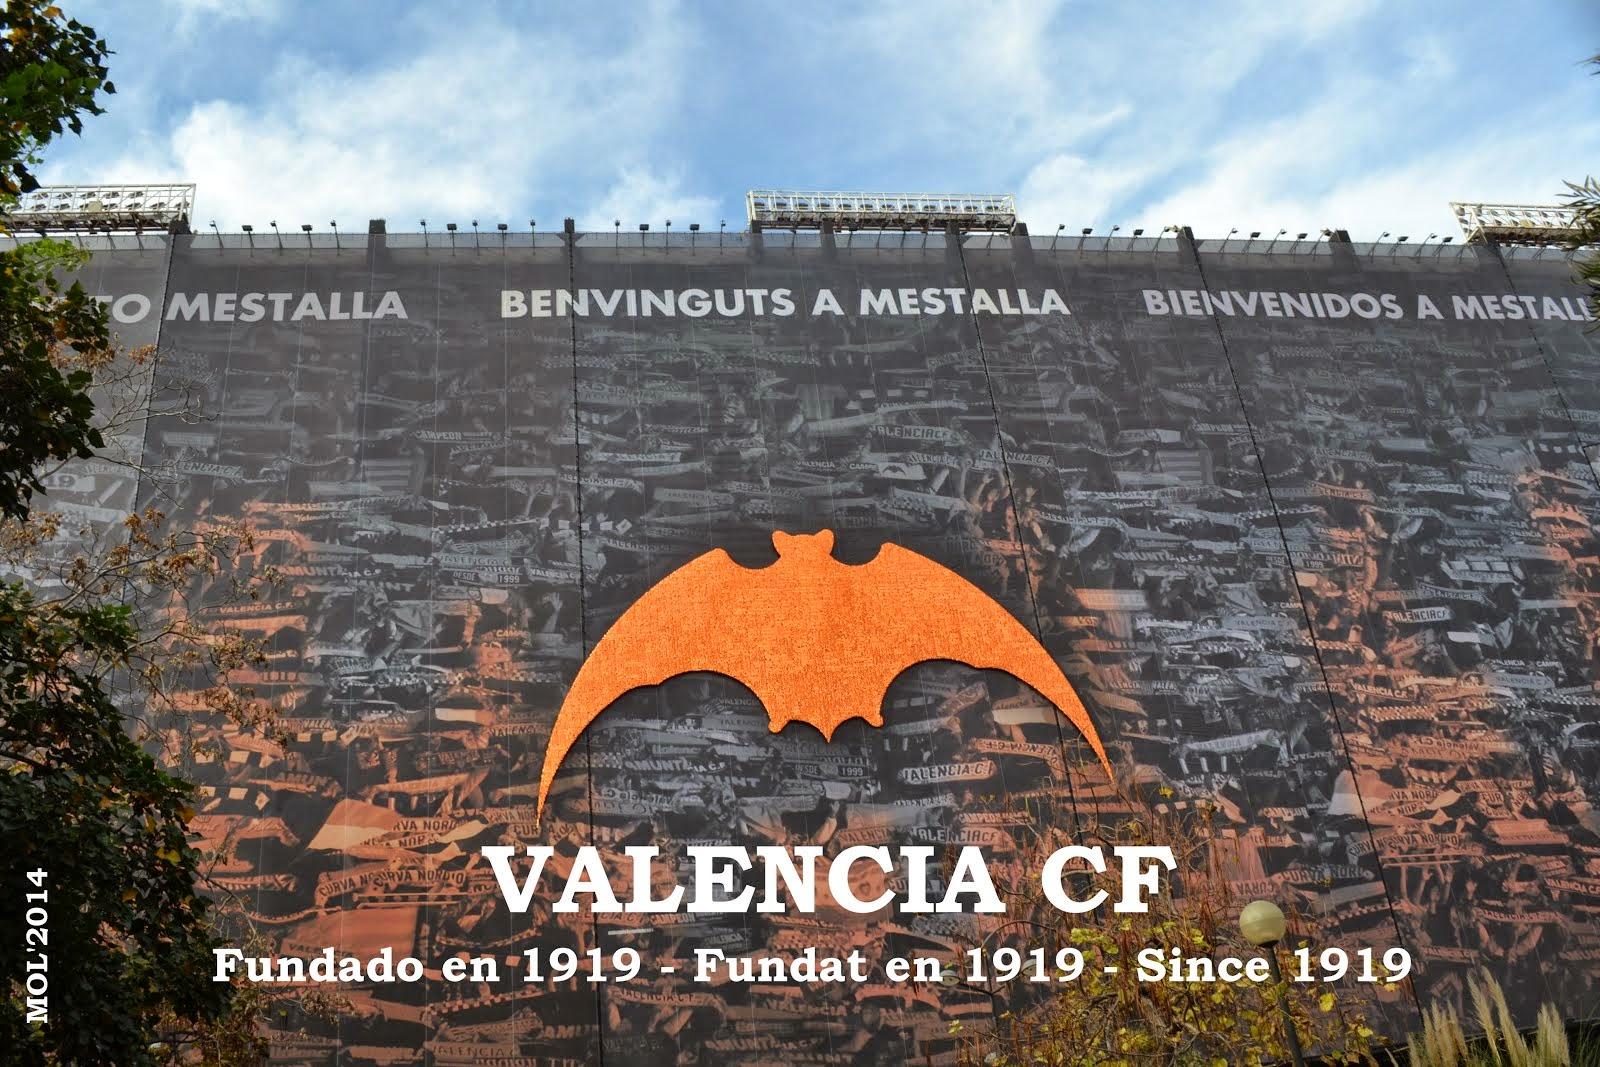 EL VALENCIA CF, FUNDAT EN L'ANY 1919. EL CAMP DE MESTALLA EN L'ACTUALITAT.